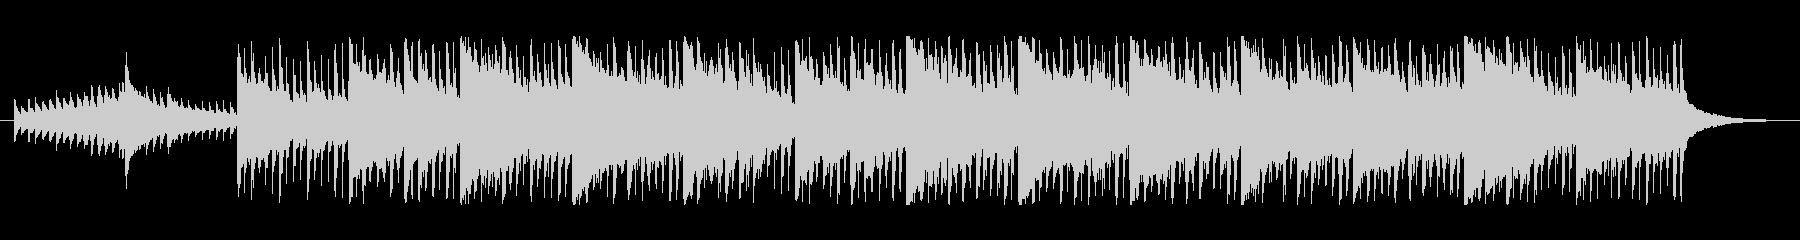 明るくポジティブなBGMの未再生の波形